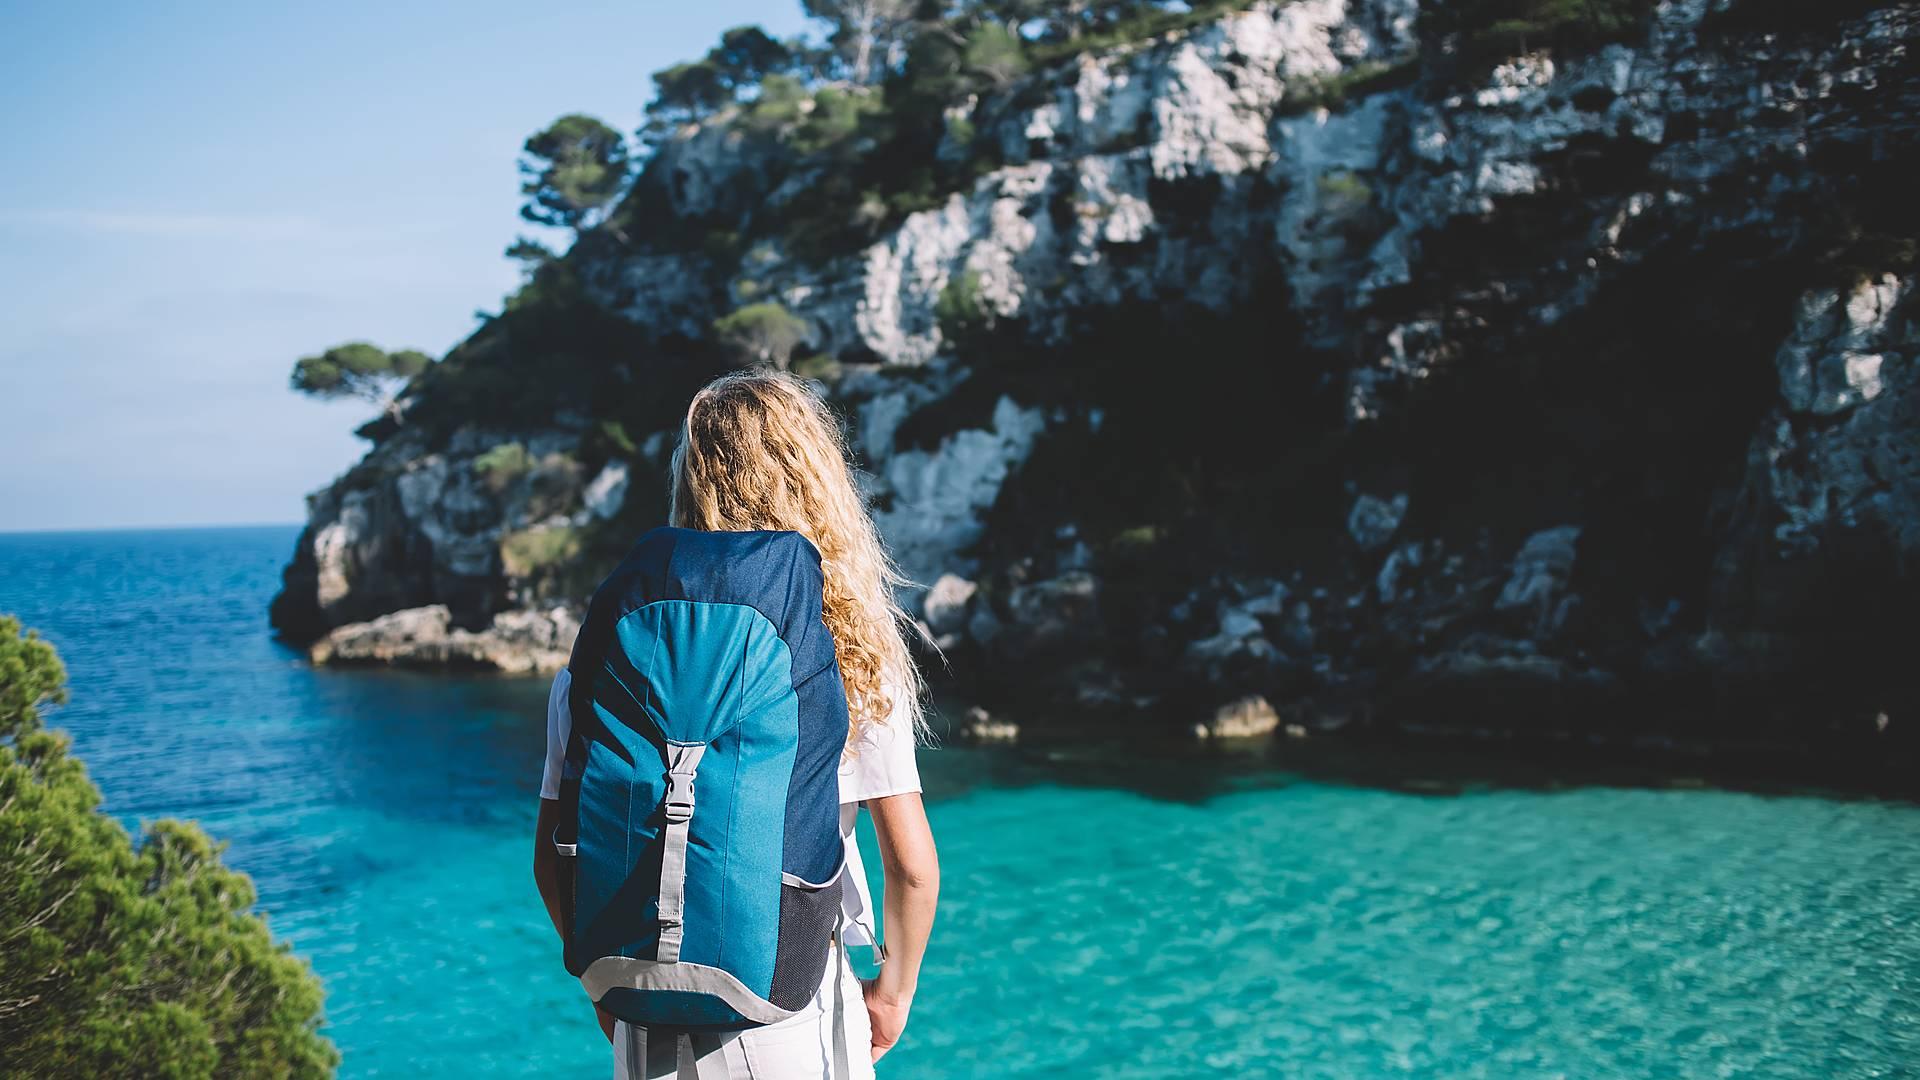 Menorca entre acantilados y playas turquesas